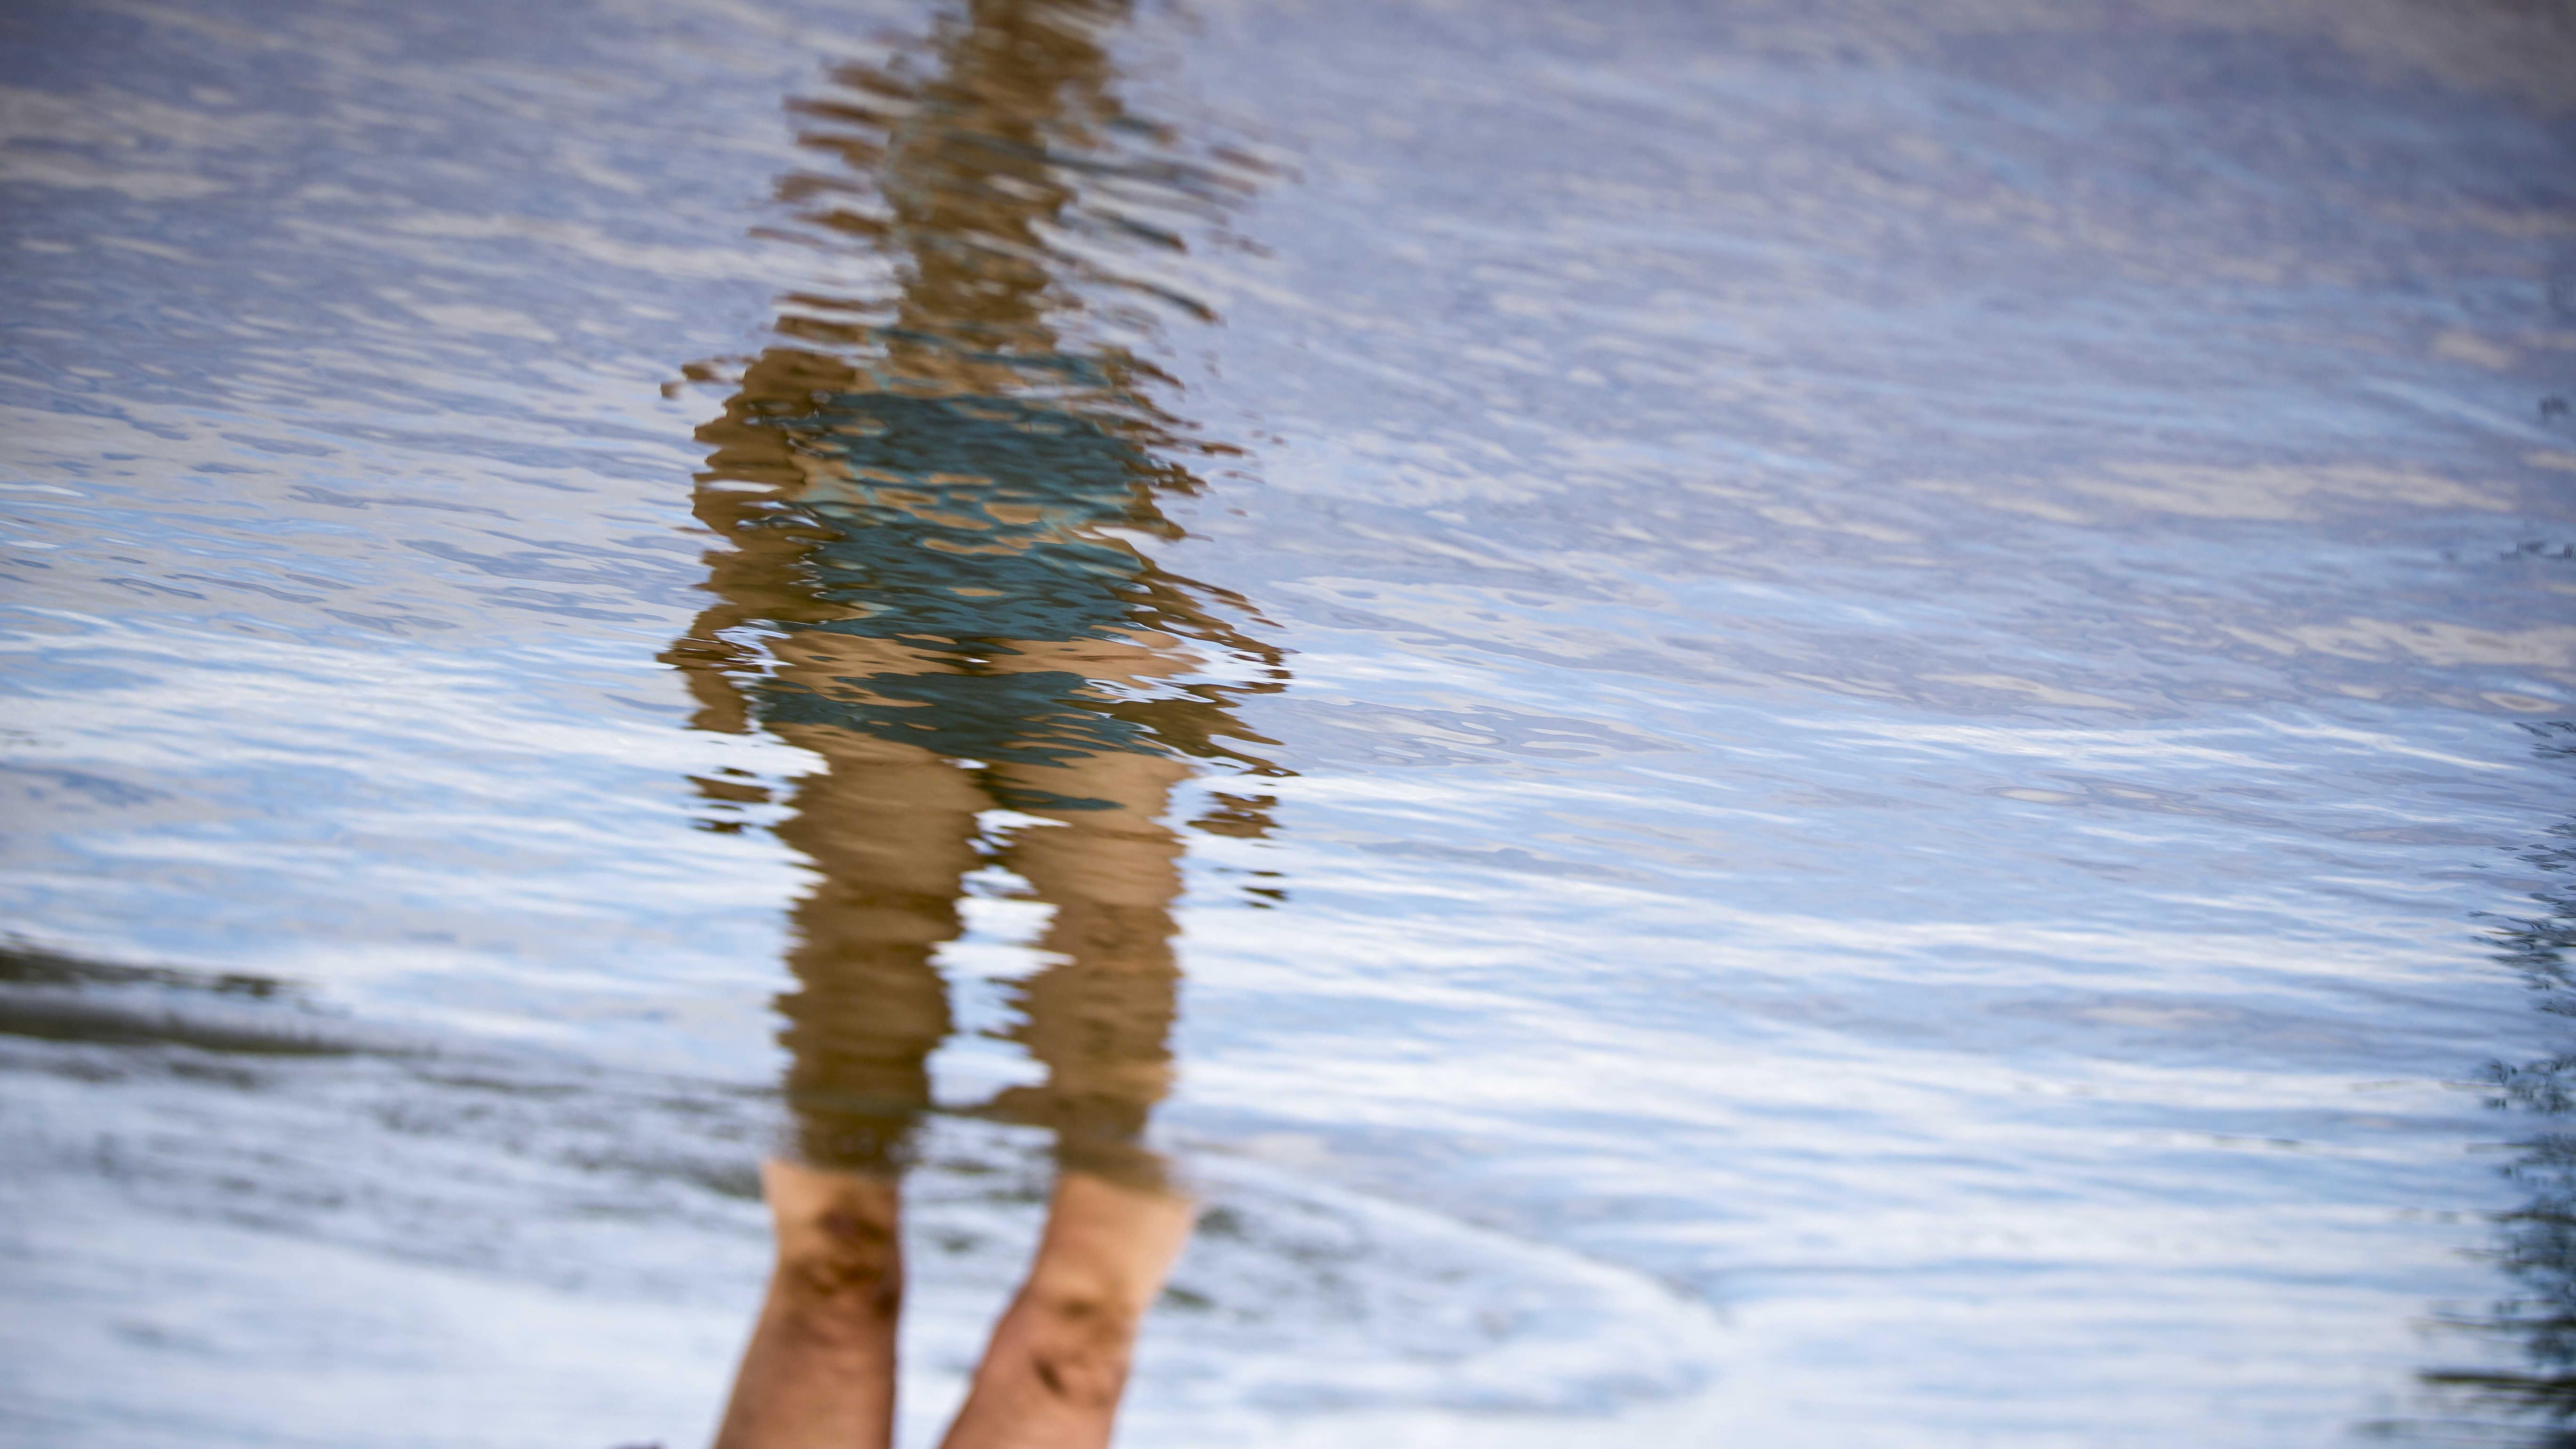 Kuvituskuva uimarin heijastus vedessä, saa kääntää oikeinpäin